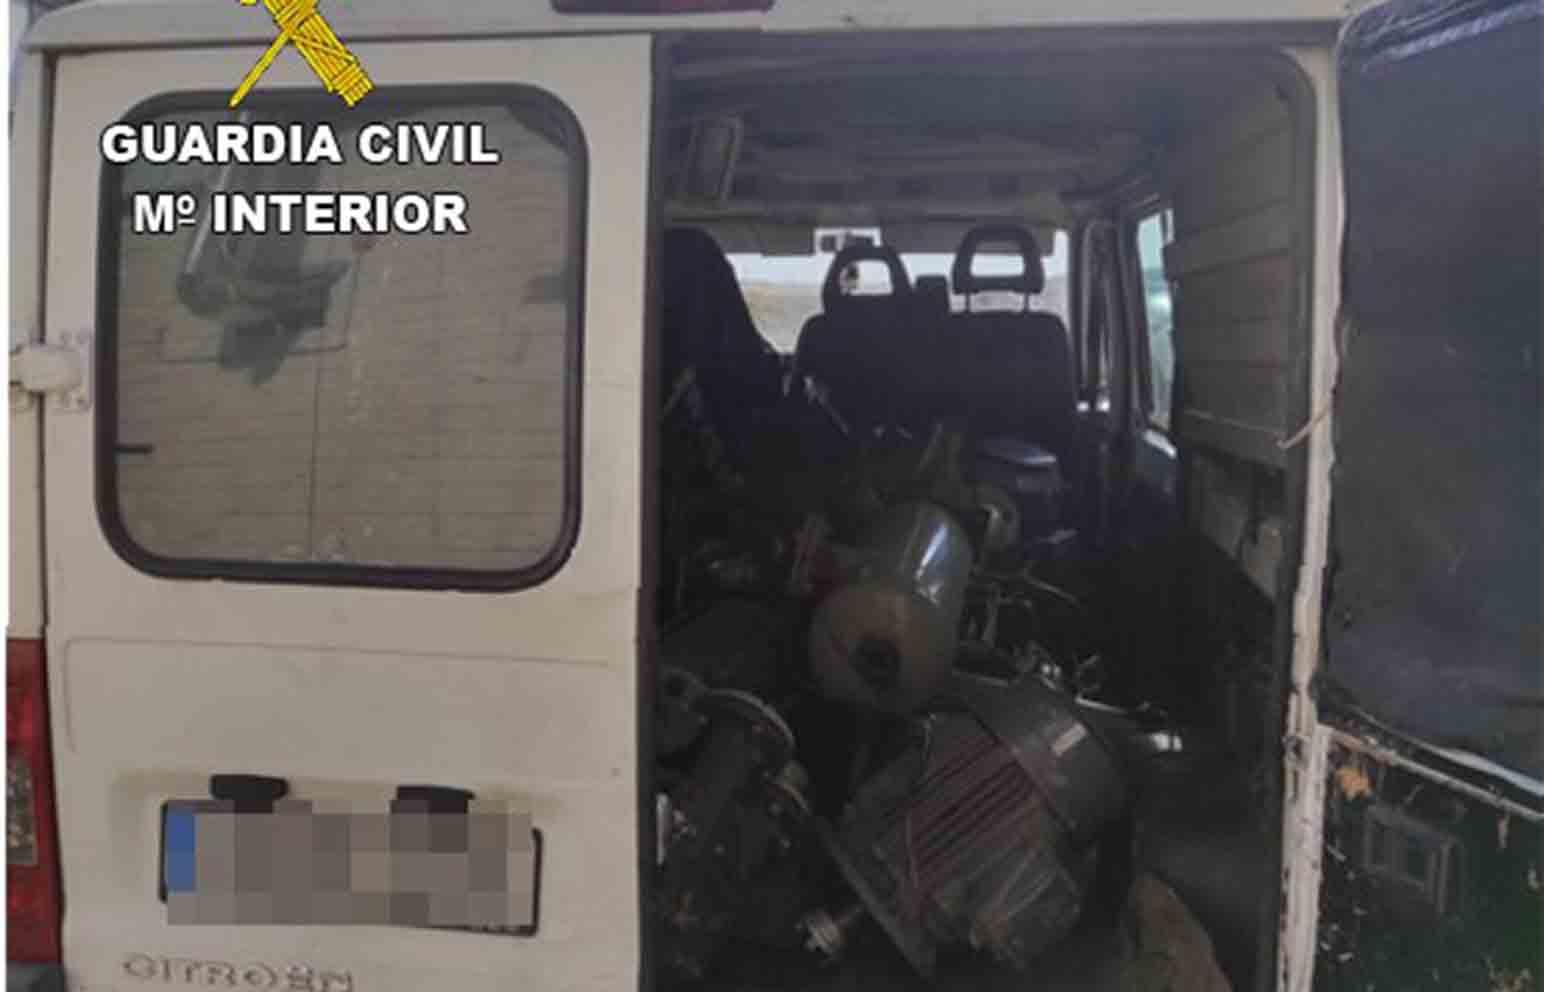 En una furgoneta estaban cargando todo el material robado.